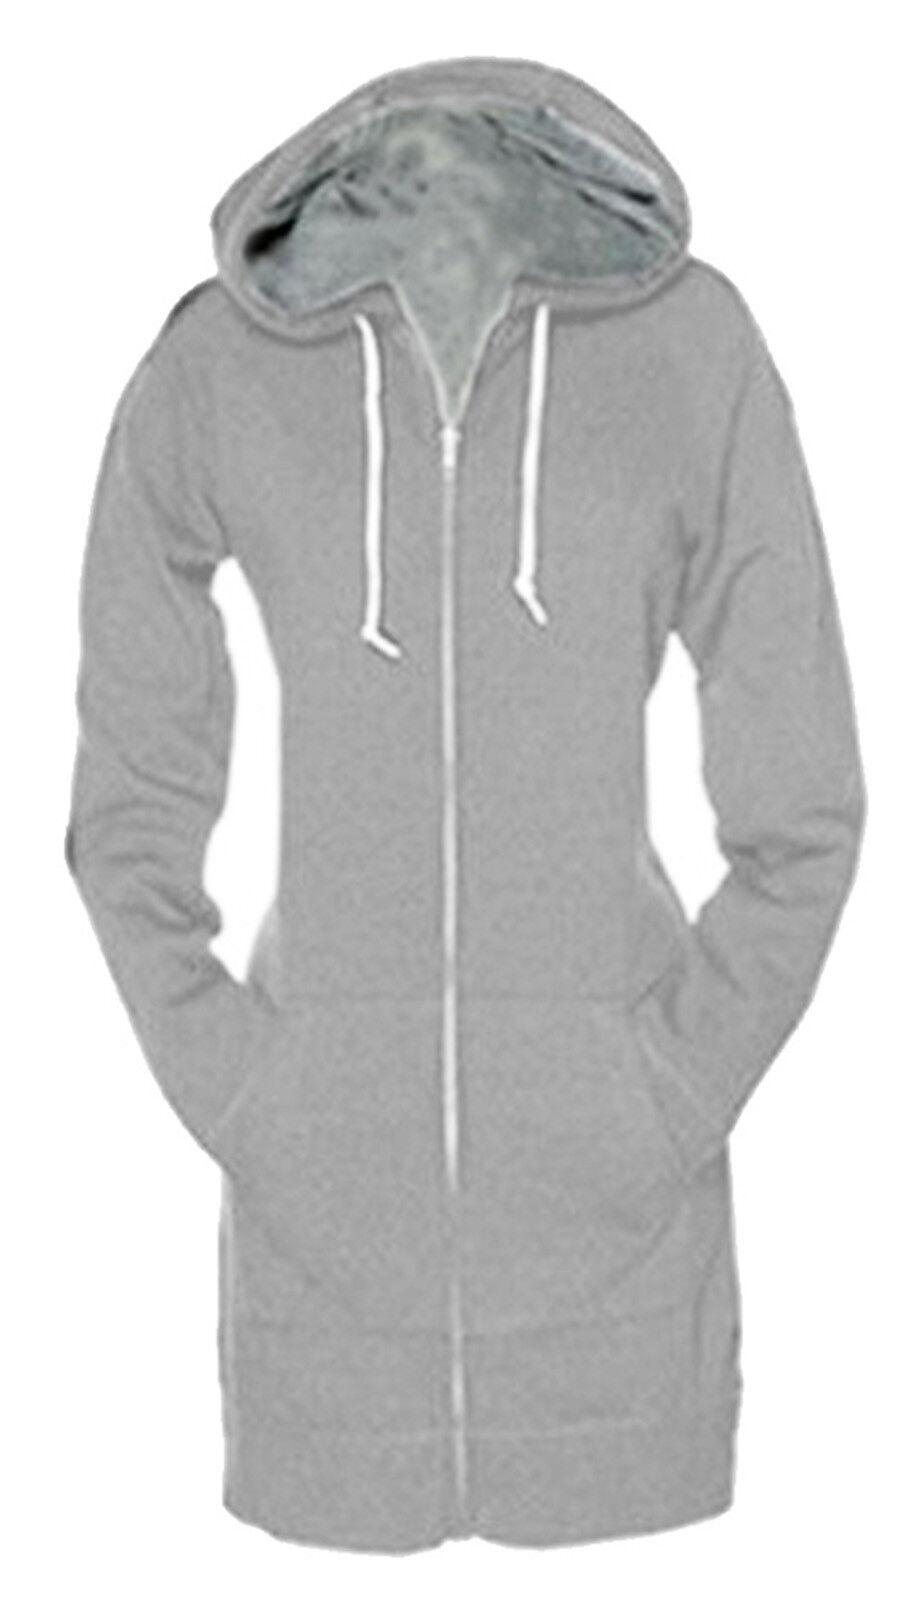 Womens Zip Up Long Sleeve Hoodie Sweatshirt Jumper Sweater ...